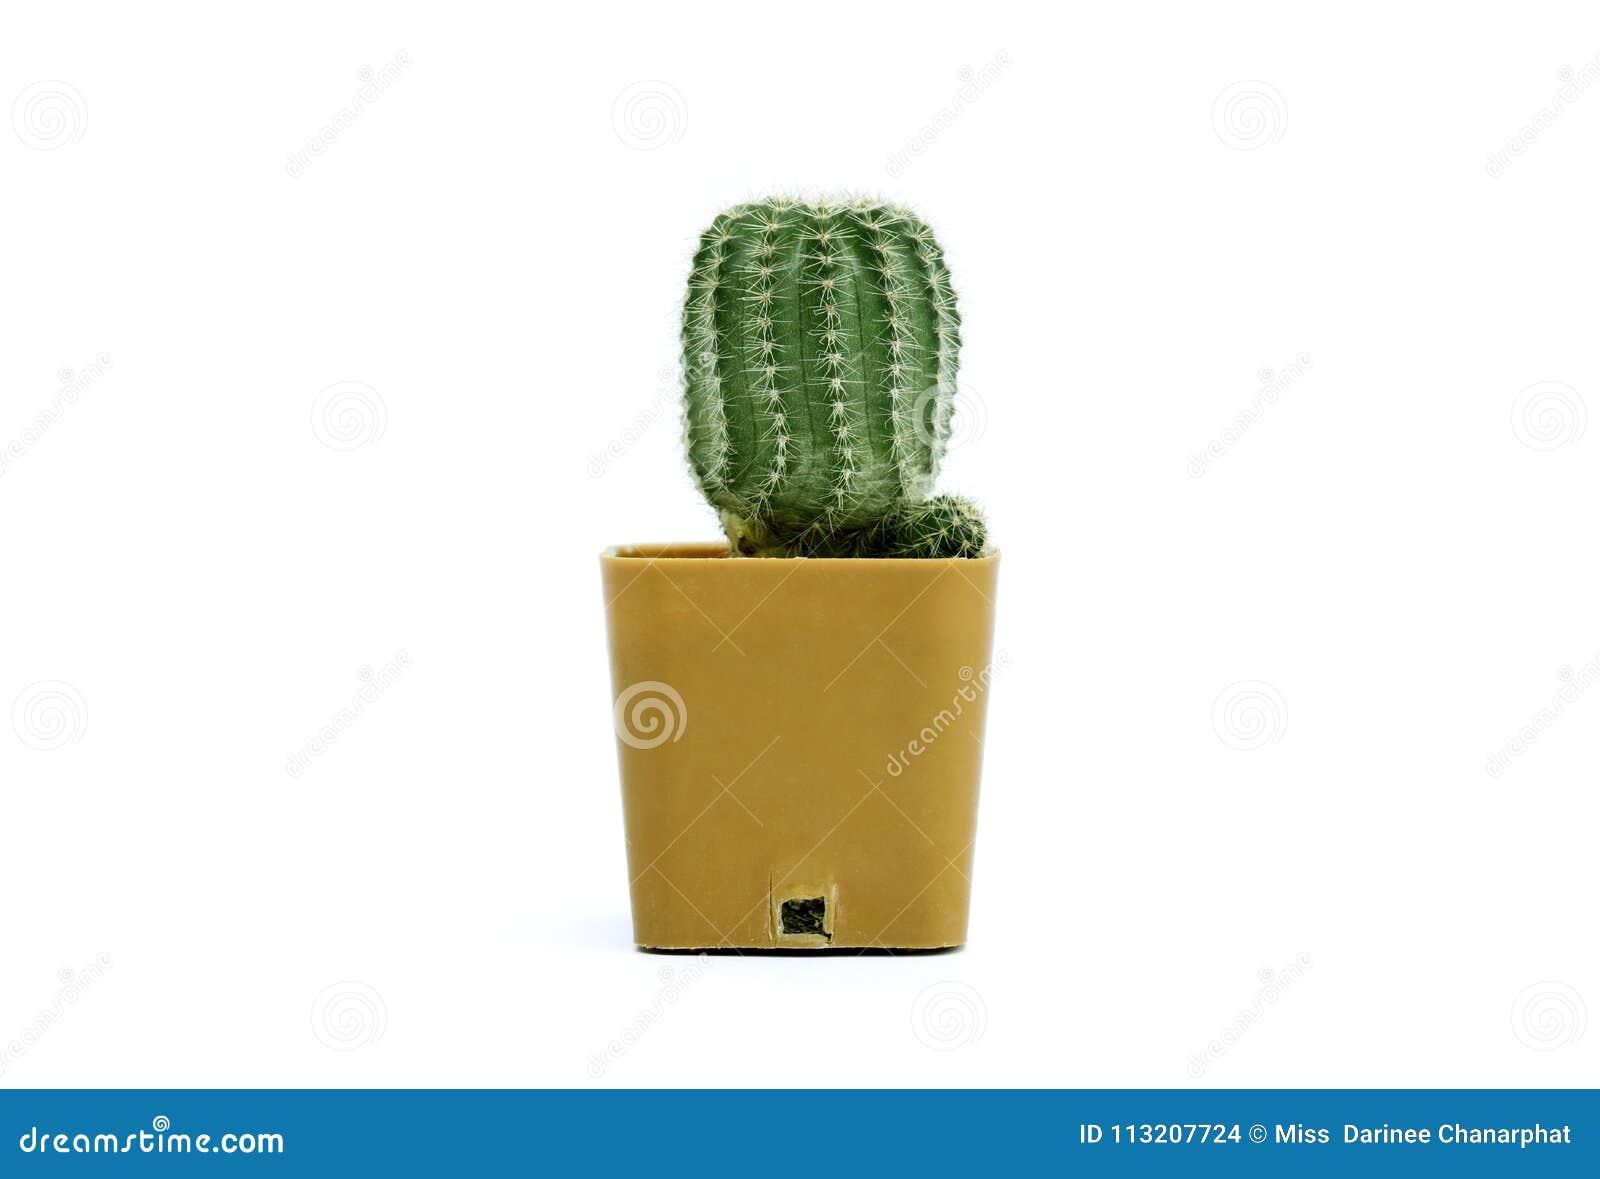 Leninghausii di Eriocactus, un fondo di bianco del cactus